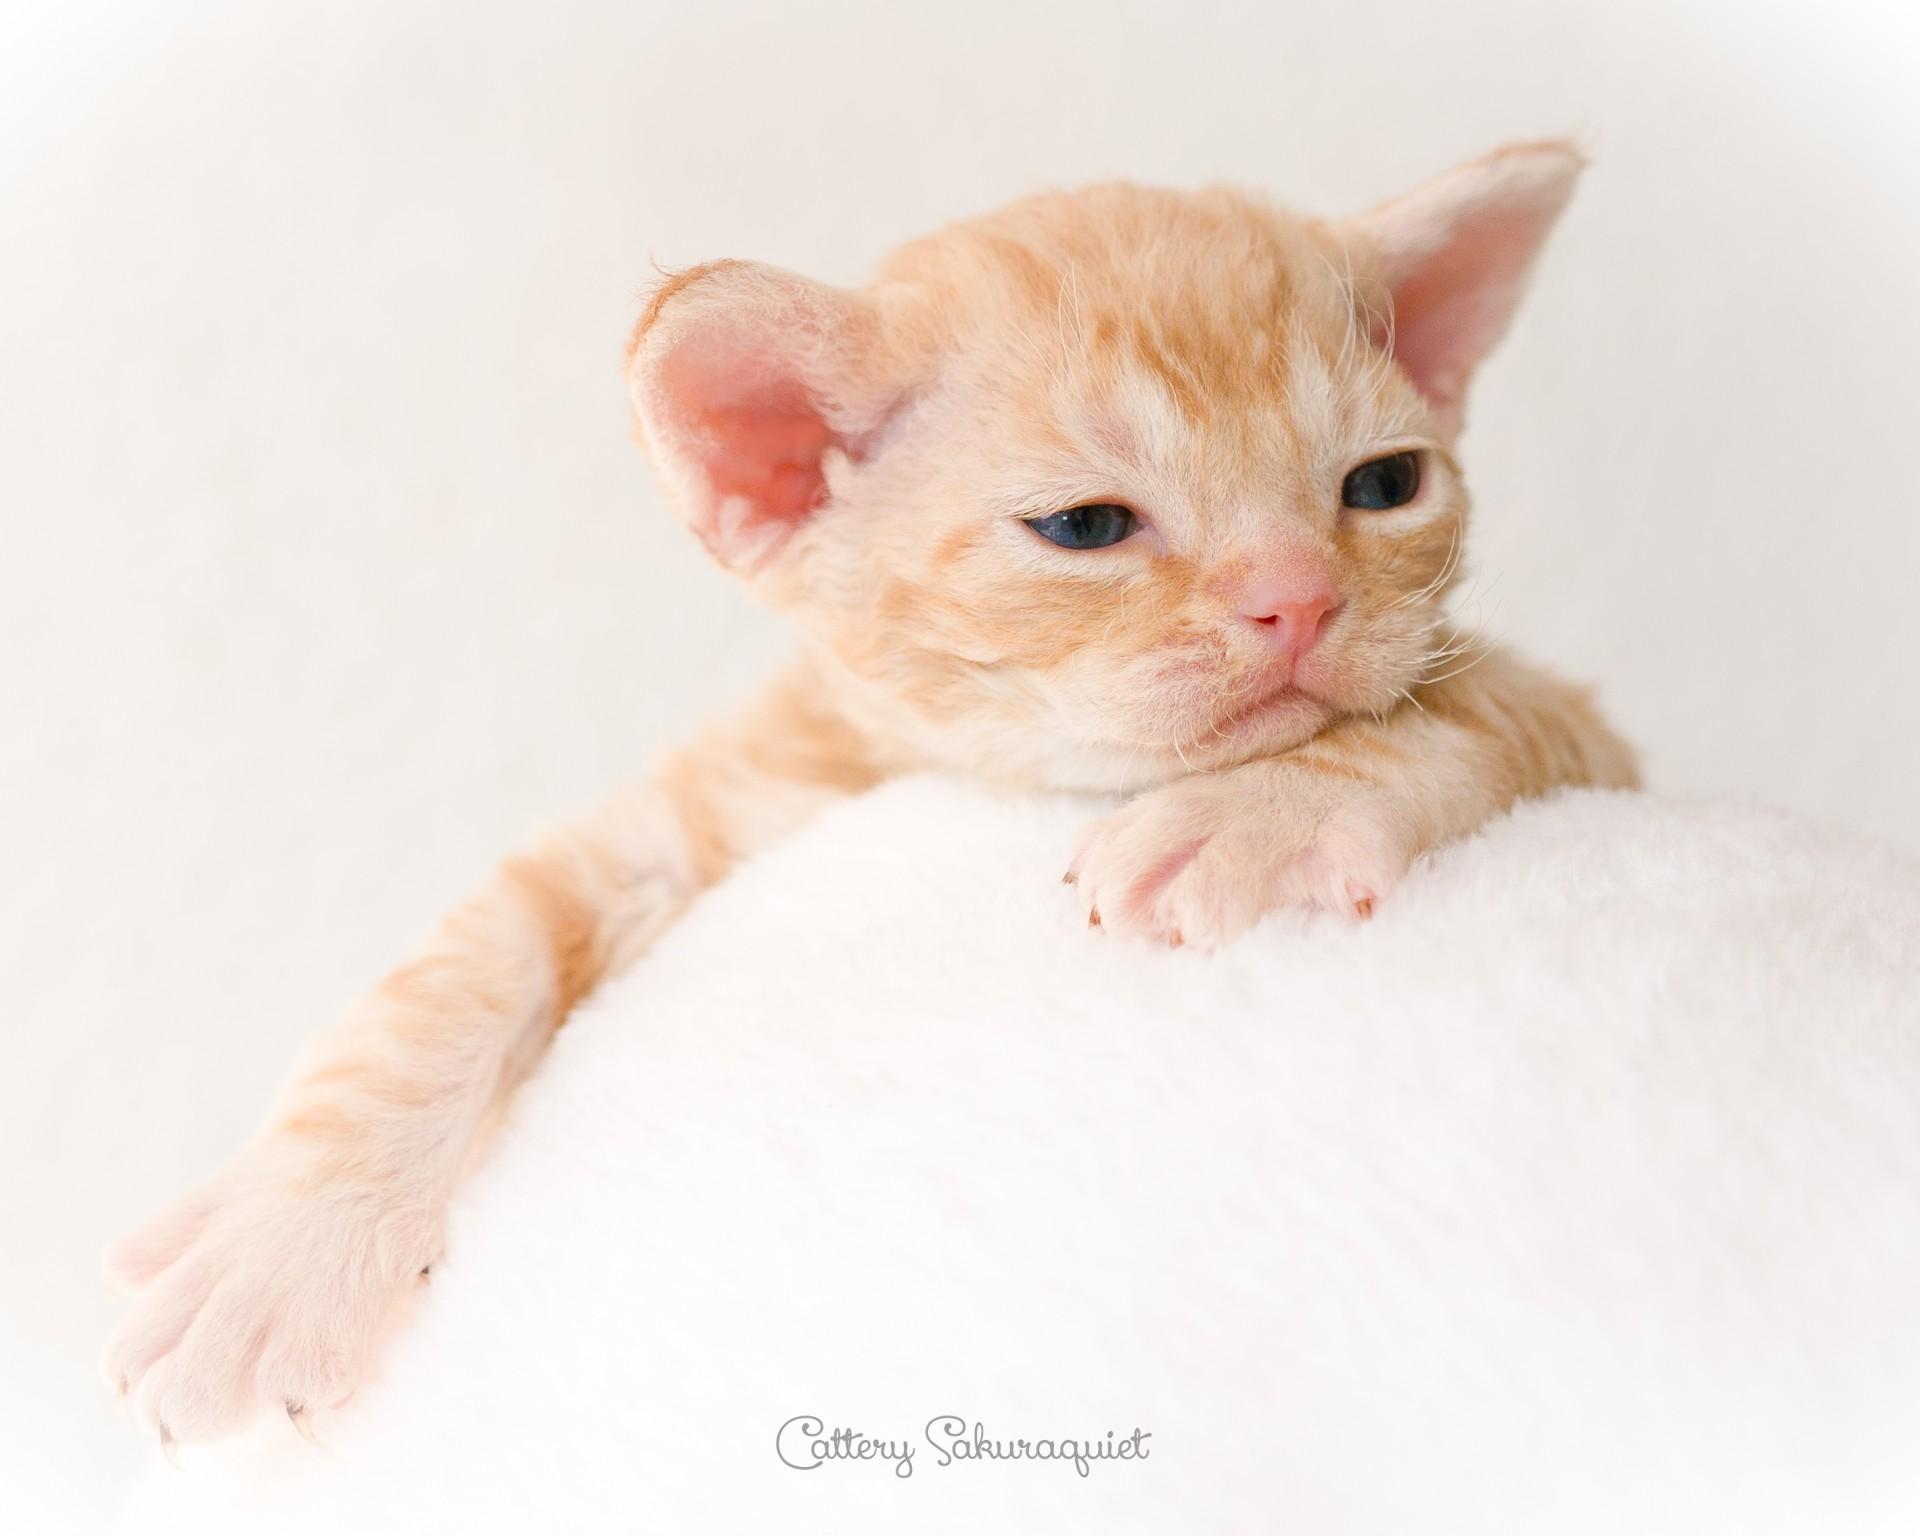 デボンレックス SNIPの仔猫 レッドクラシックタビー オス Devon Rex Kittens SNIP RedClassicTabby male